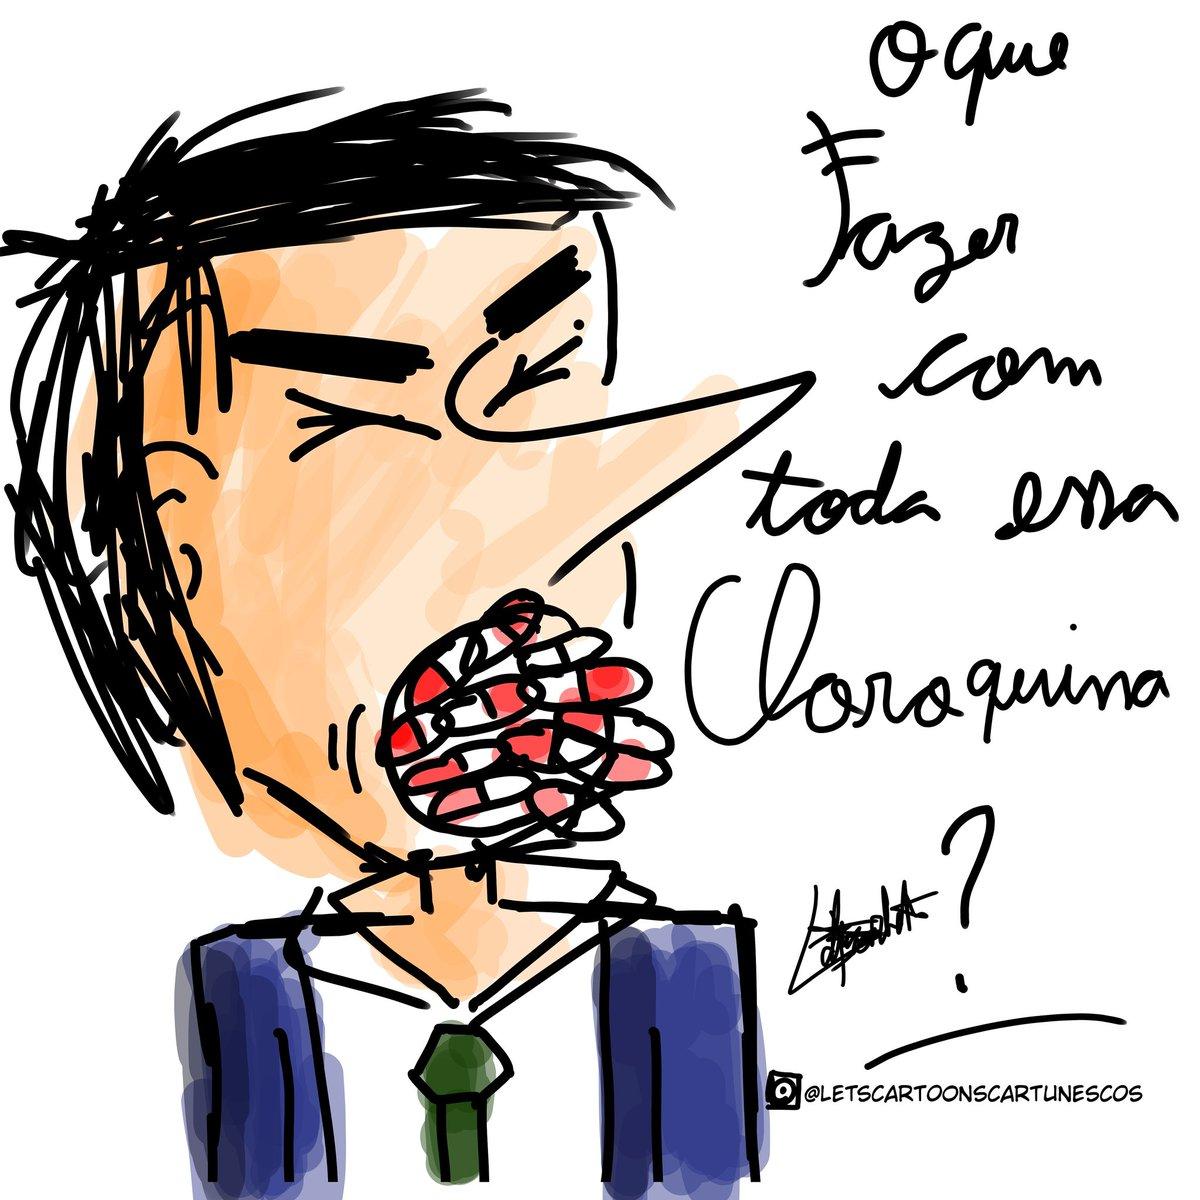 Enfia tudo guéla abaixo! #JairBolsonaro  #Bolsonaro  #bolsonarocaiu  #bozo #BolsonaroComCovid  #cloroquina #hidroxicloroquinapic.twitter.com/fW2O3erV5T